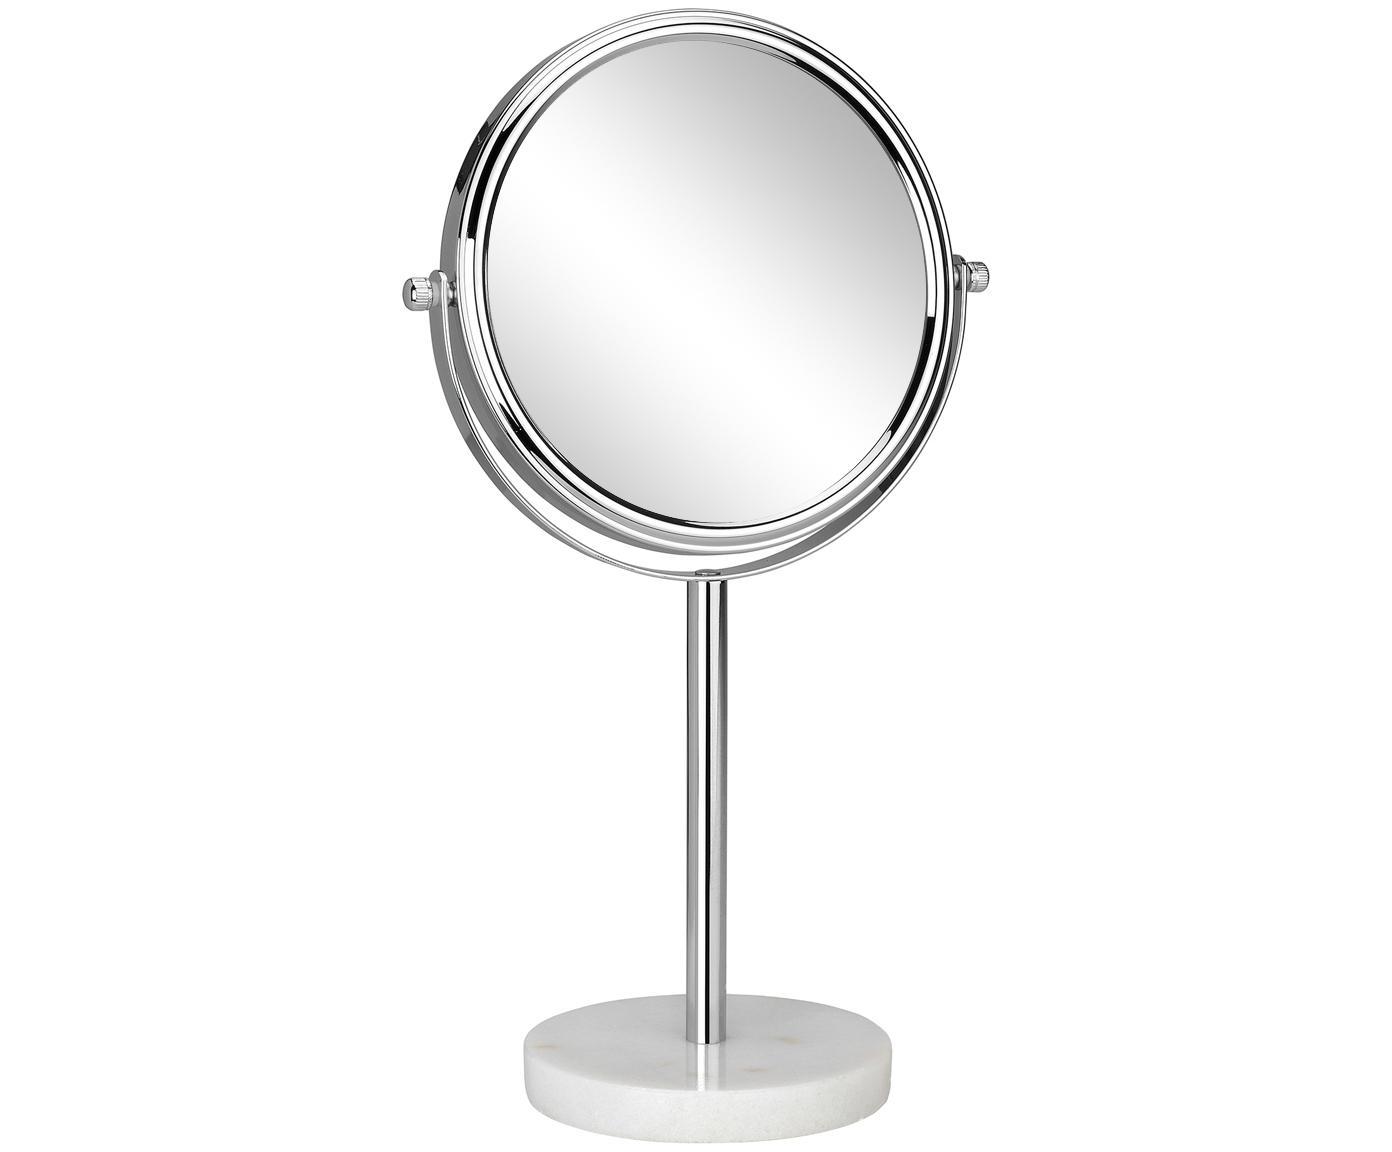 Lusterko kosmetyczne Copper z powiększeniem, Noga: marmur, Biały, odcienie srebrnego, Ø 20 x W 34 cm